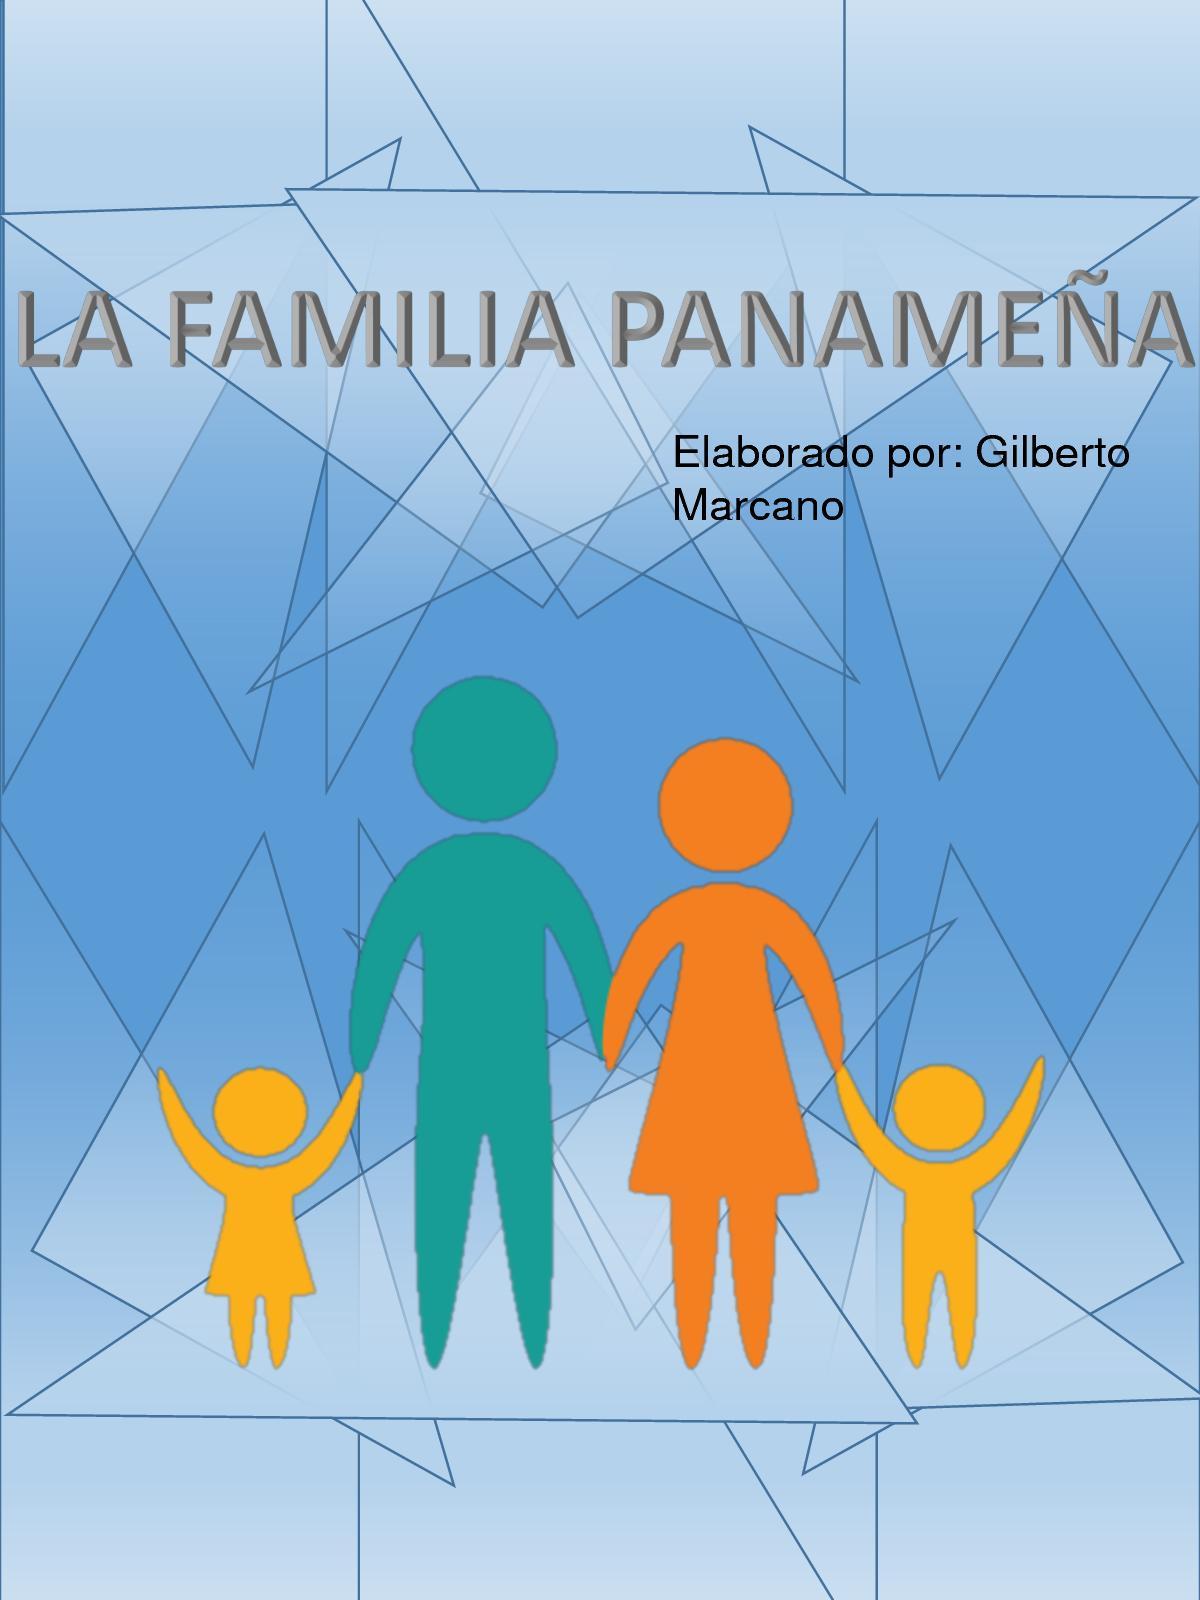 Calaméo Proyecto Trimestral 1 Gilberto Marcano